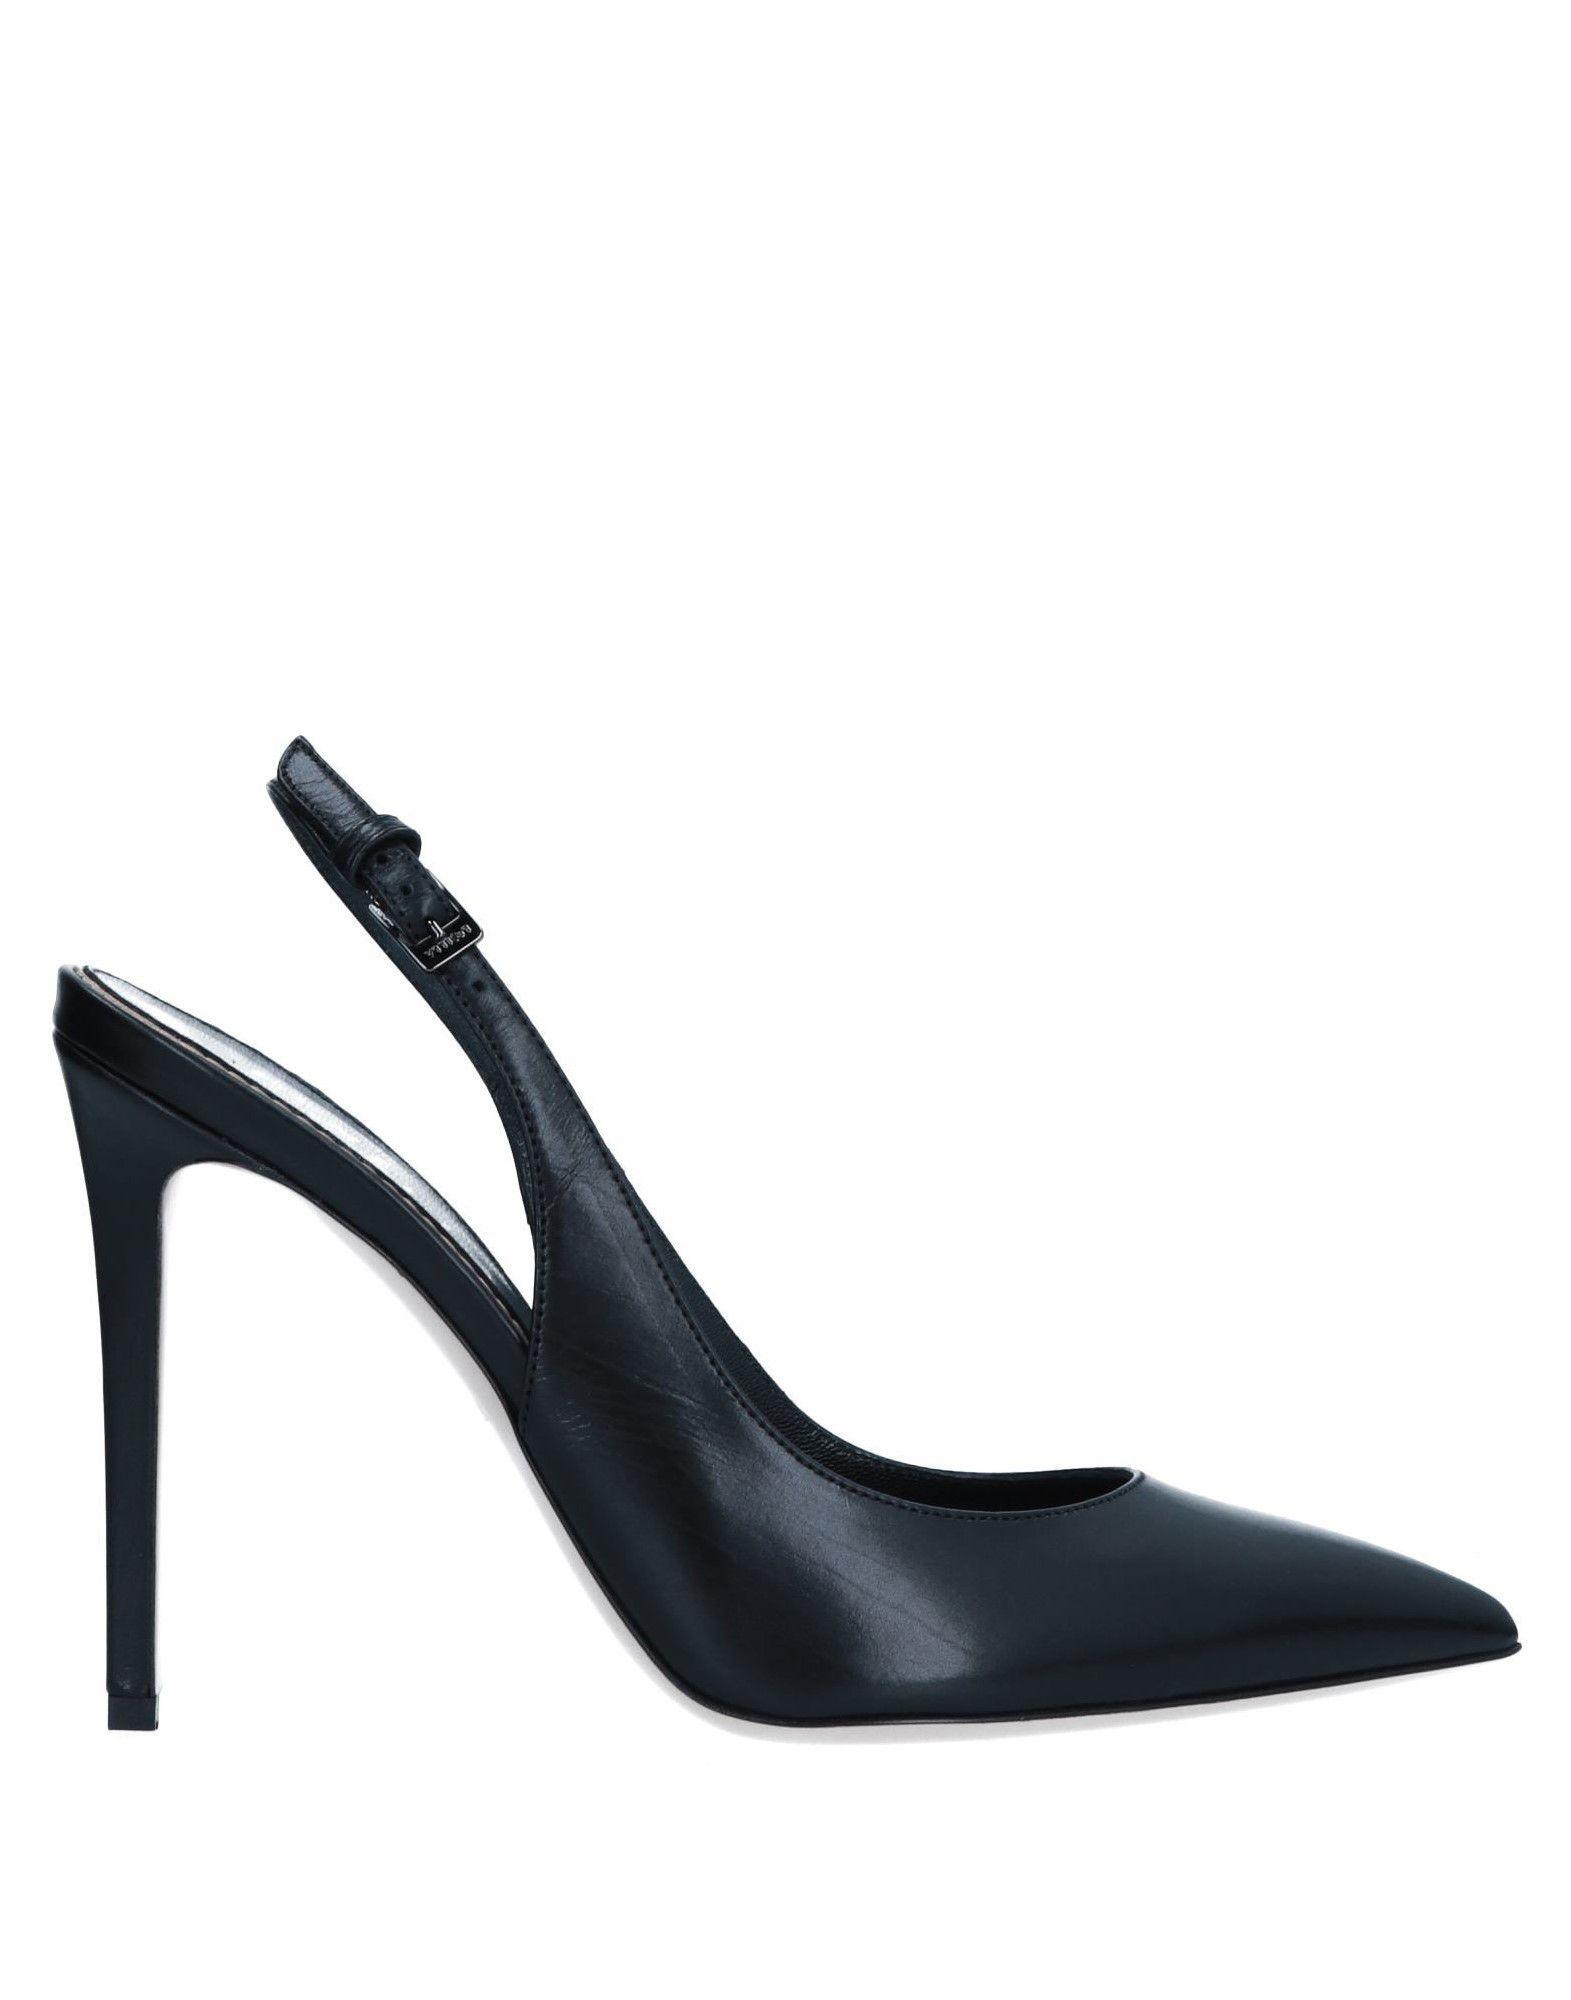 Escarpins Le Silla Femme - Escarpins Le Silla Noir Mode pas cher et belle